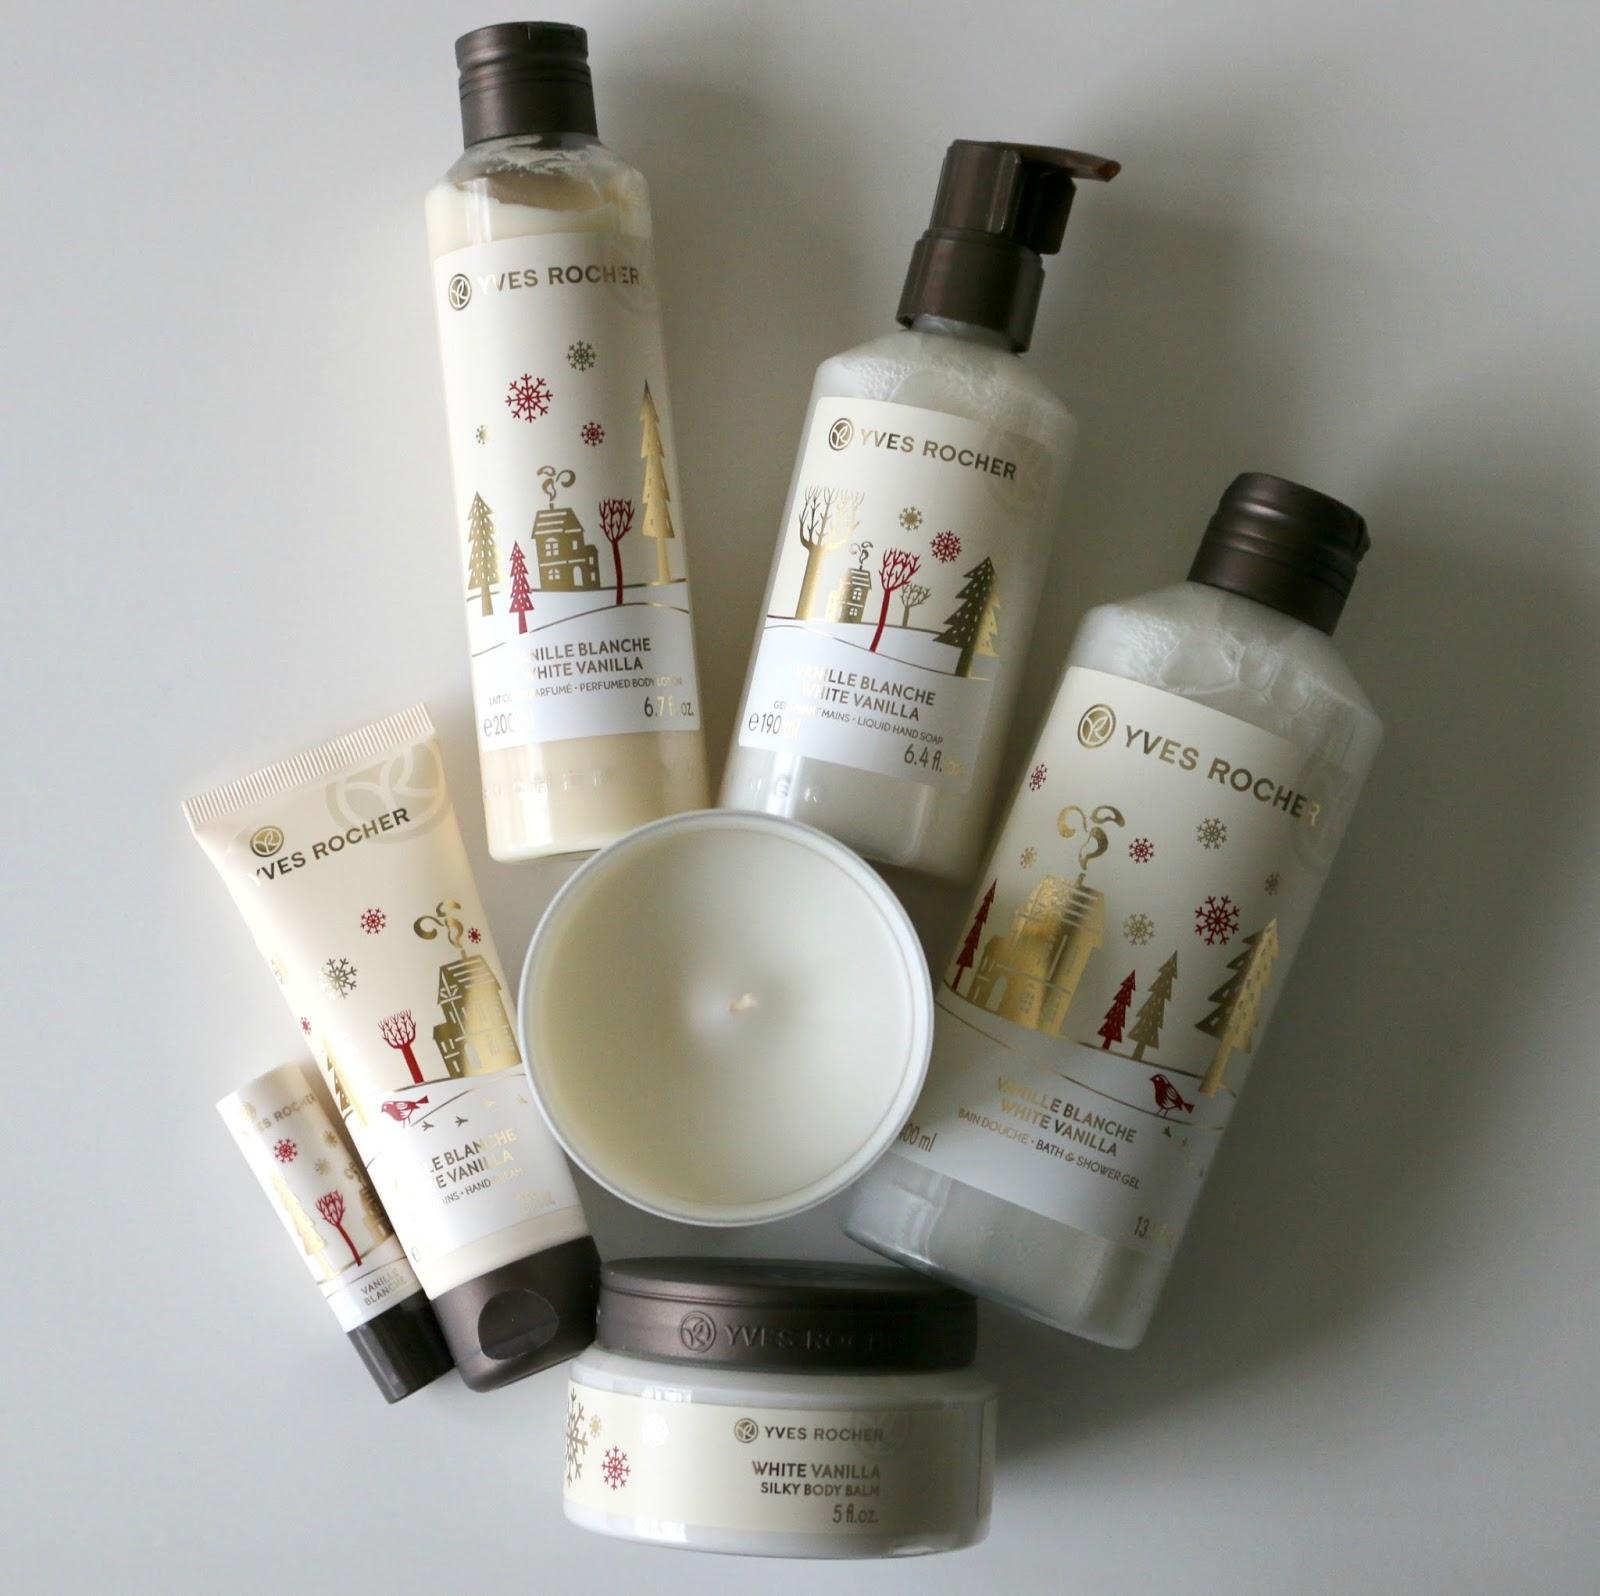 Yves Rocher White Vanilla Bath & Body Christmas Collection